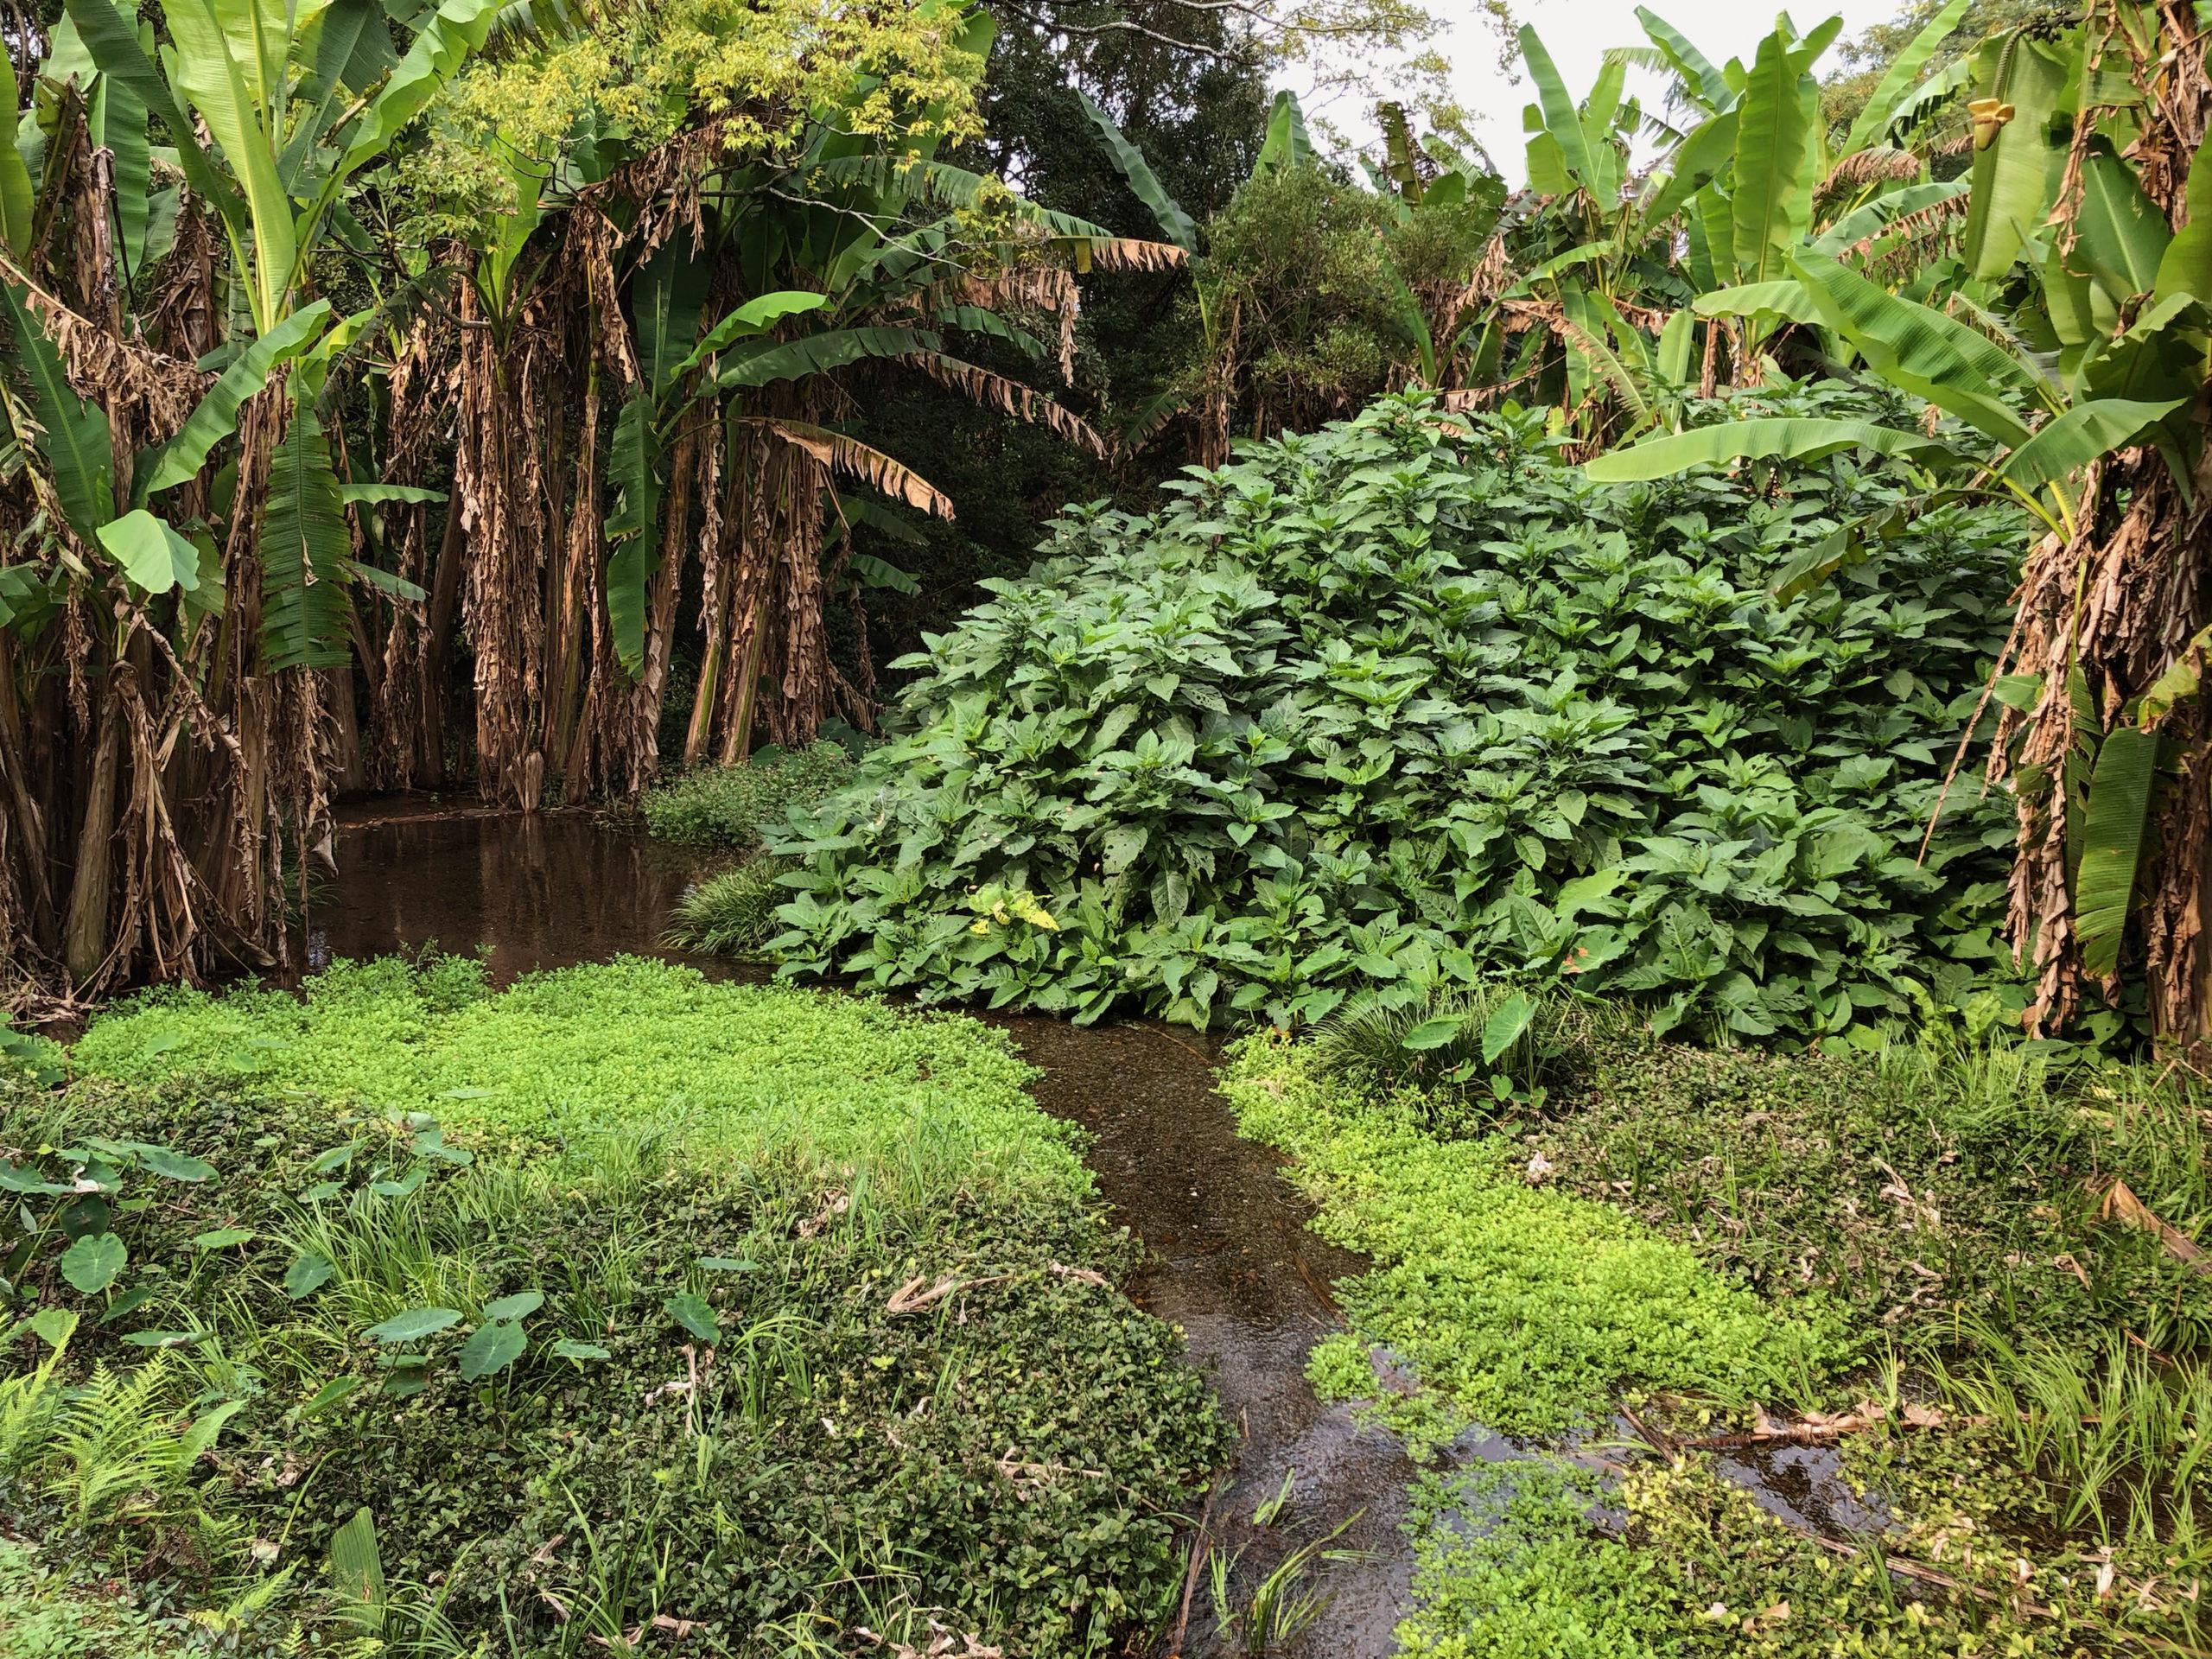 ジャングルのような景色が広がる熊本の公園には川が流れている